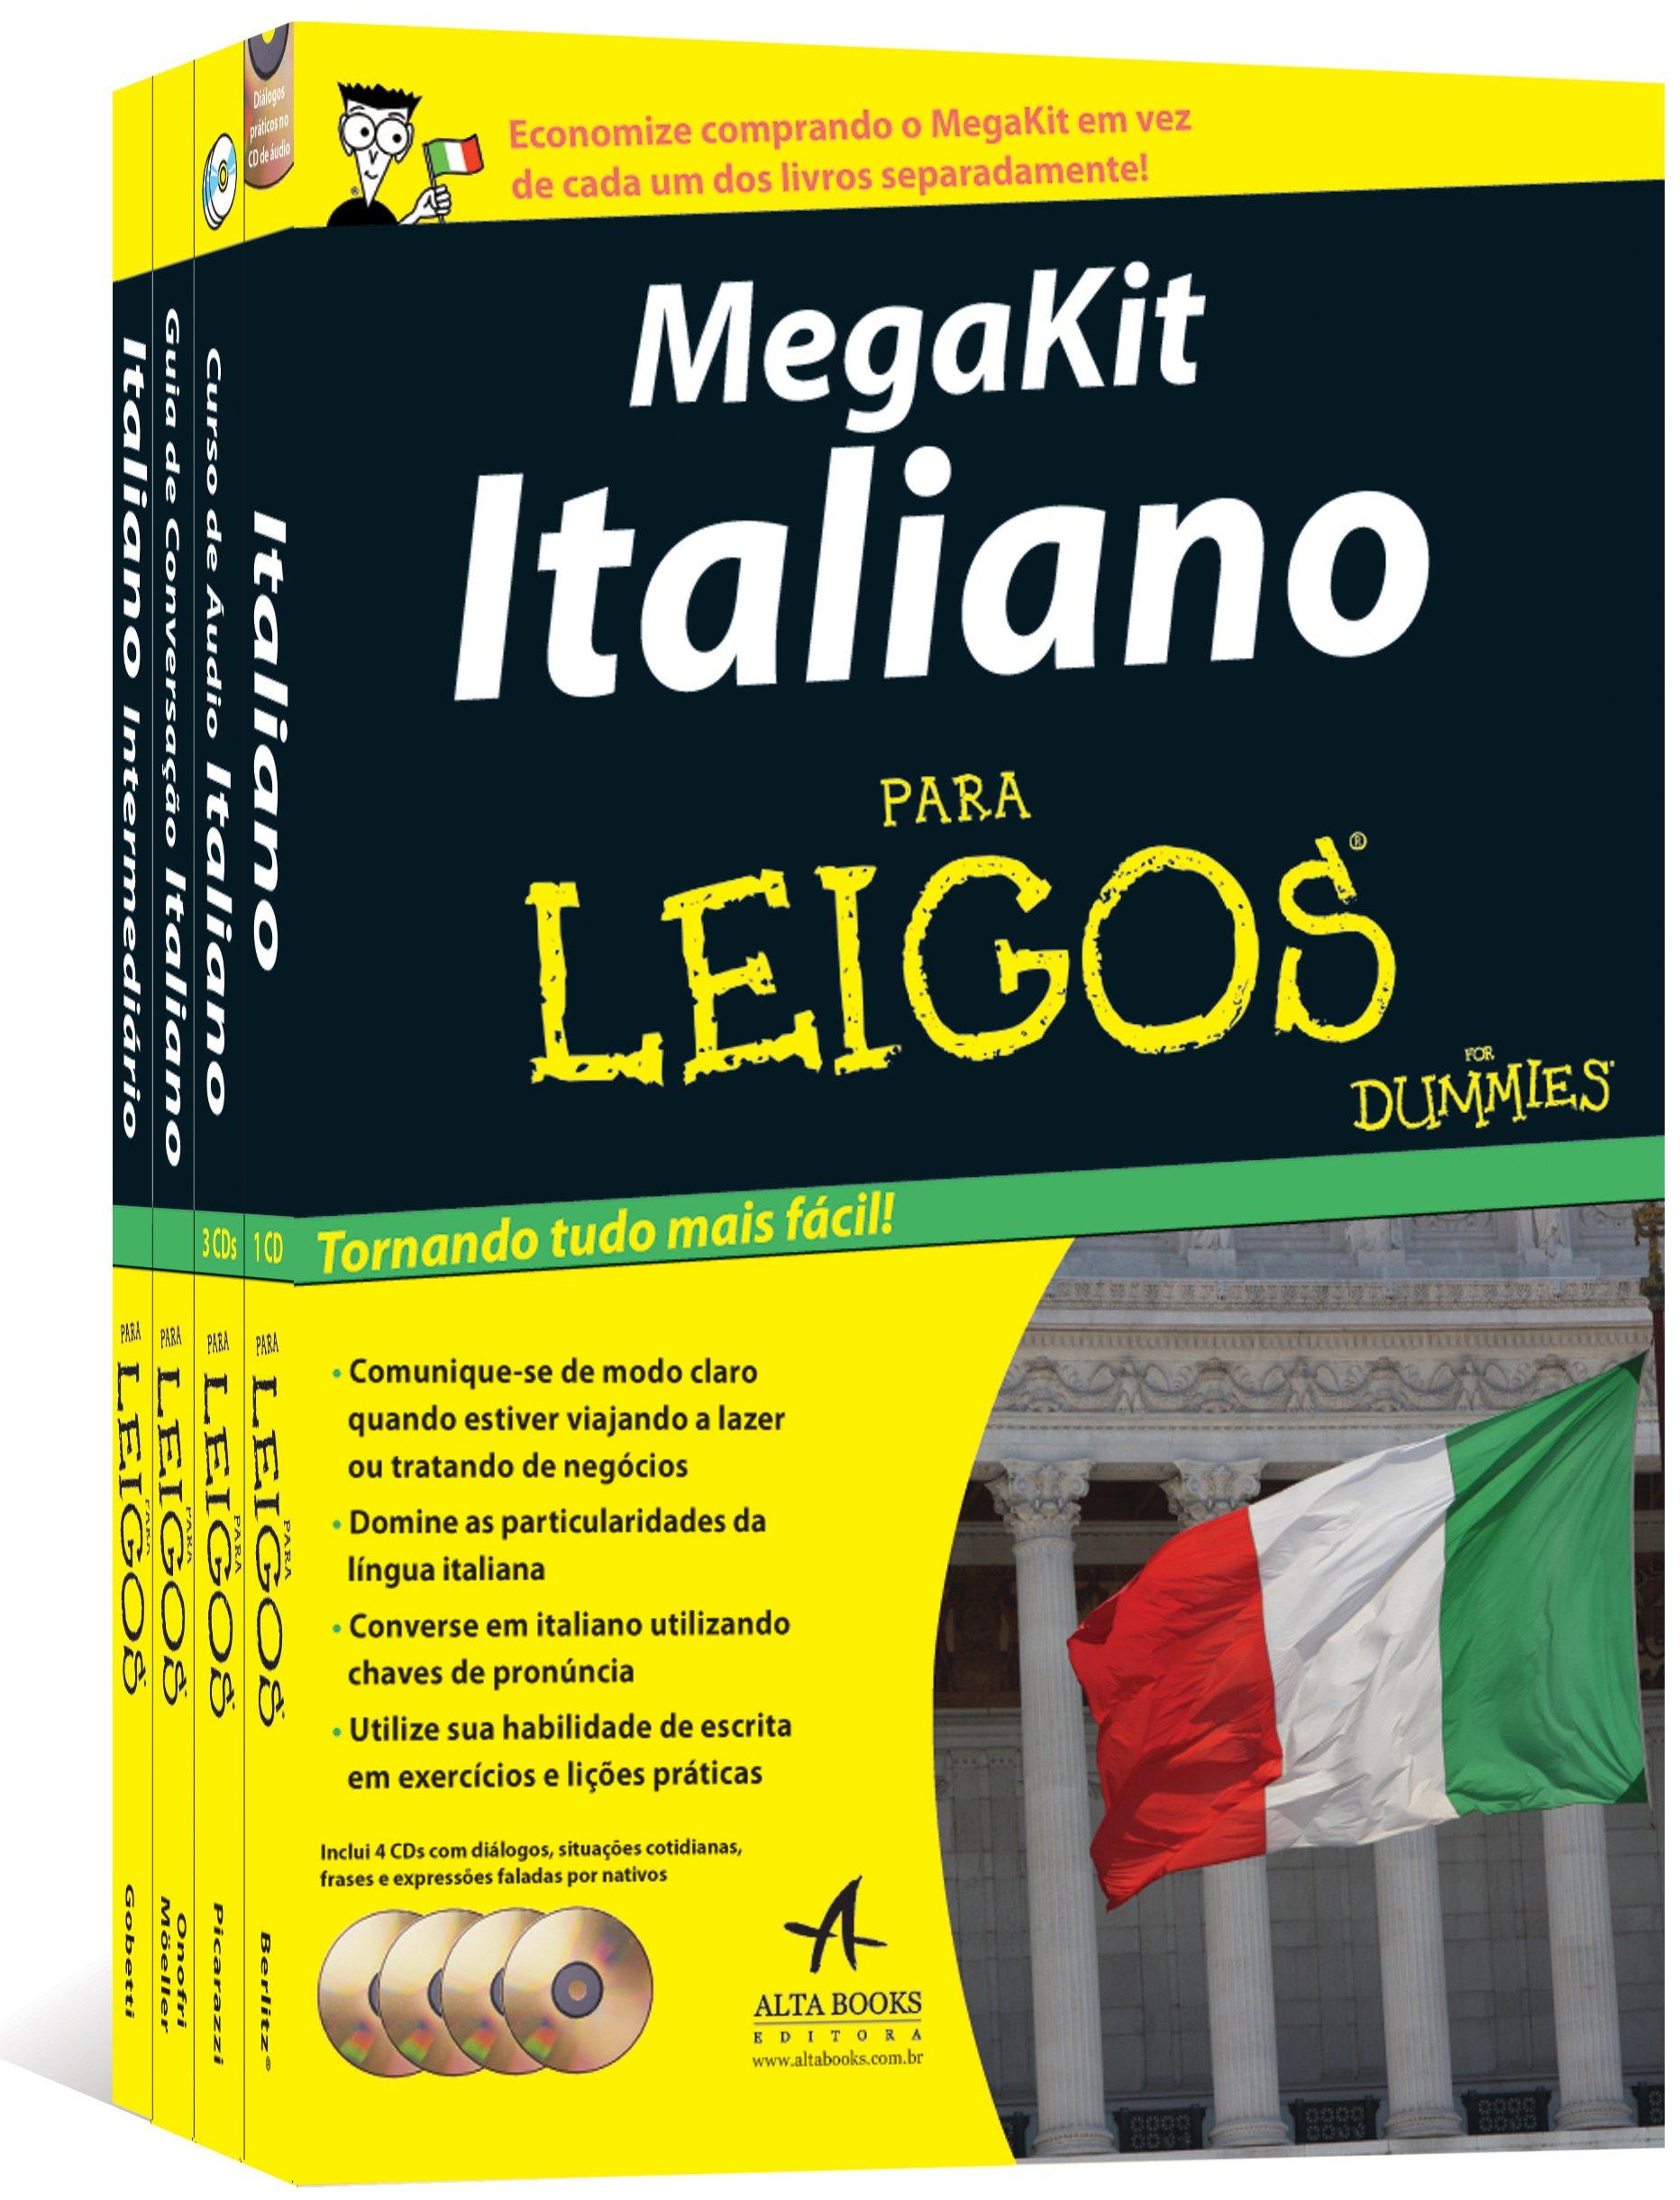 Megakit Italiano Para Leigos 9788576087625 Livros Na Amazon Brasil